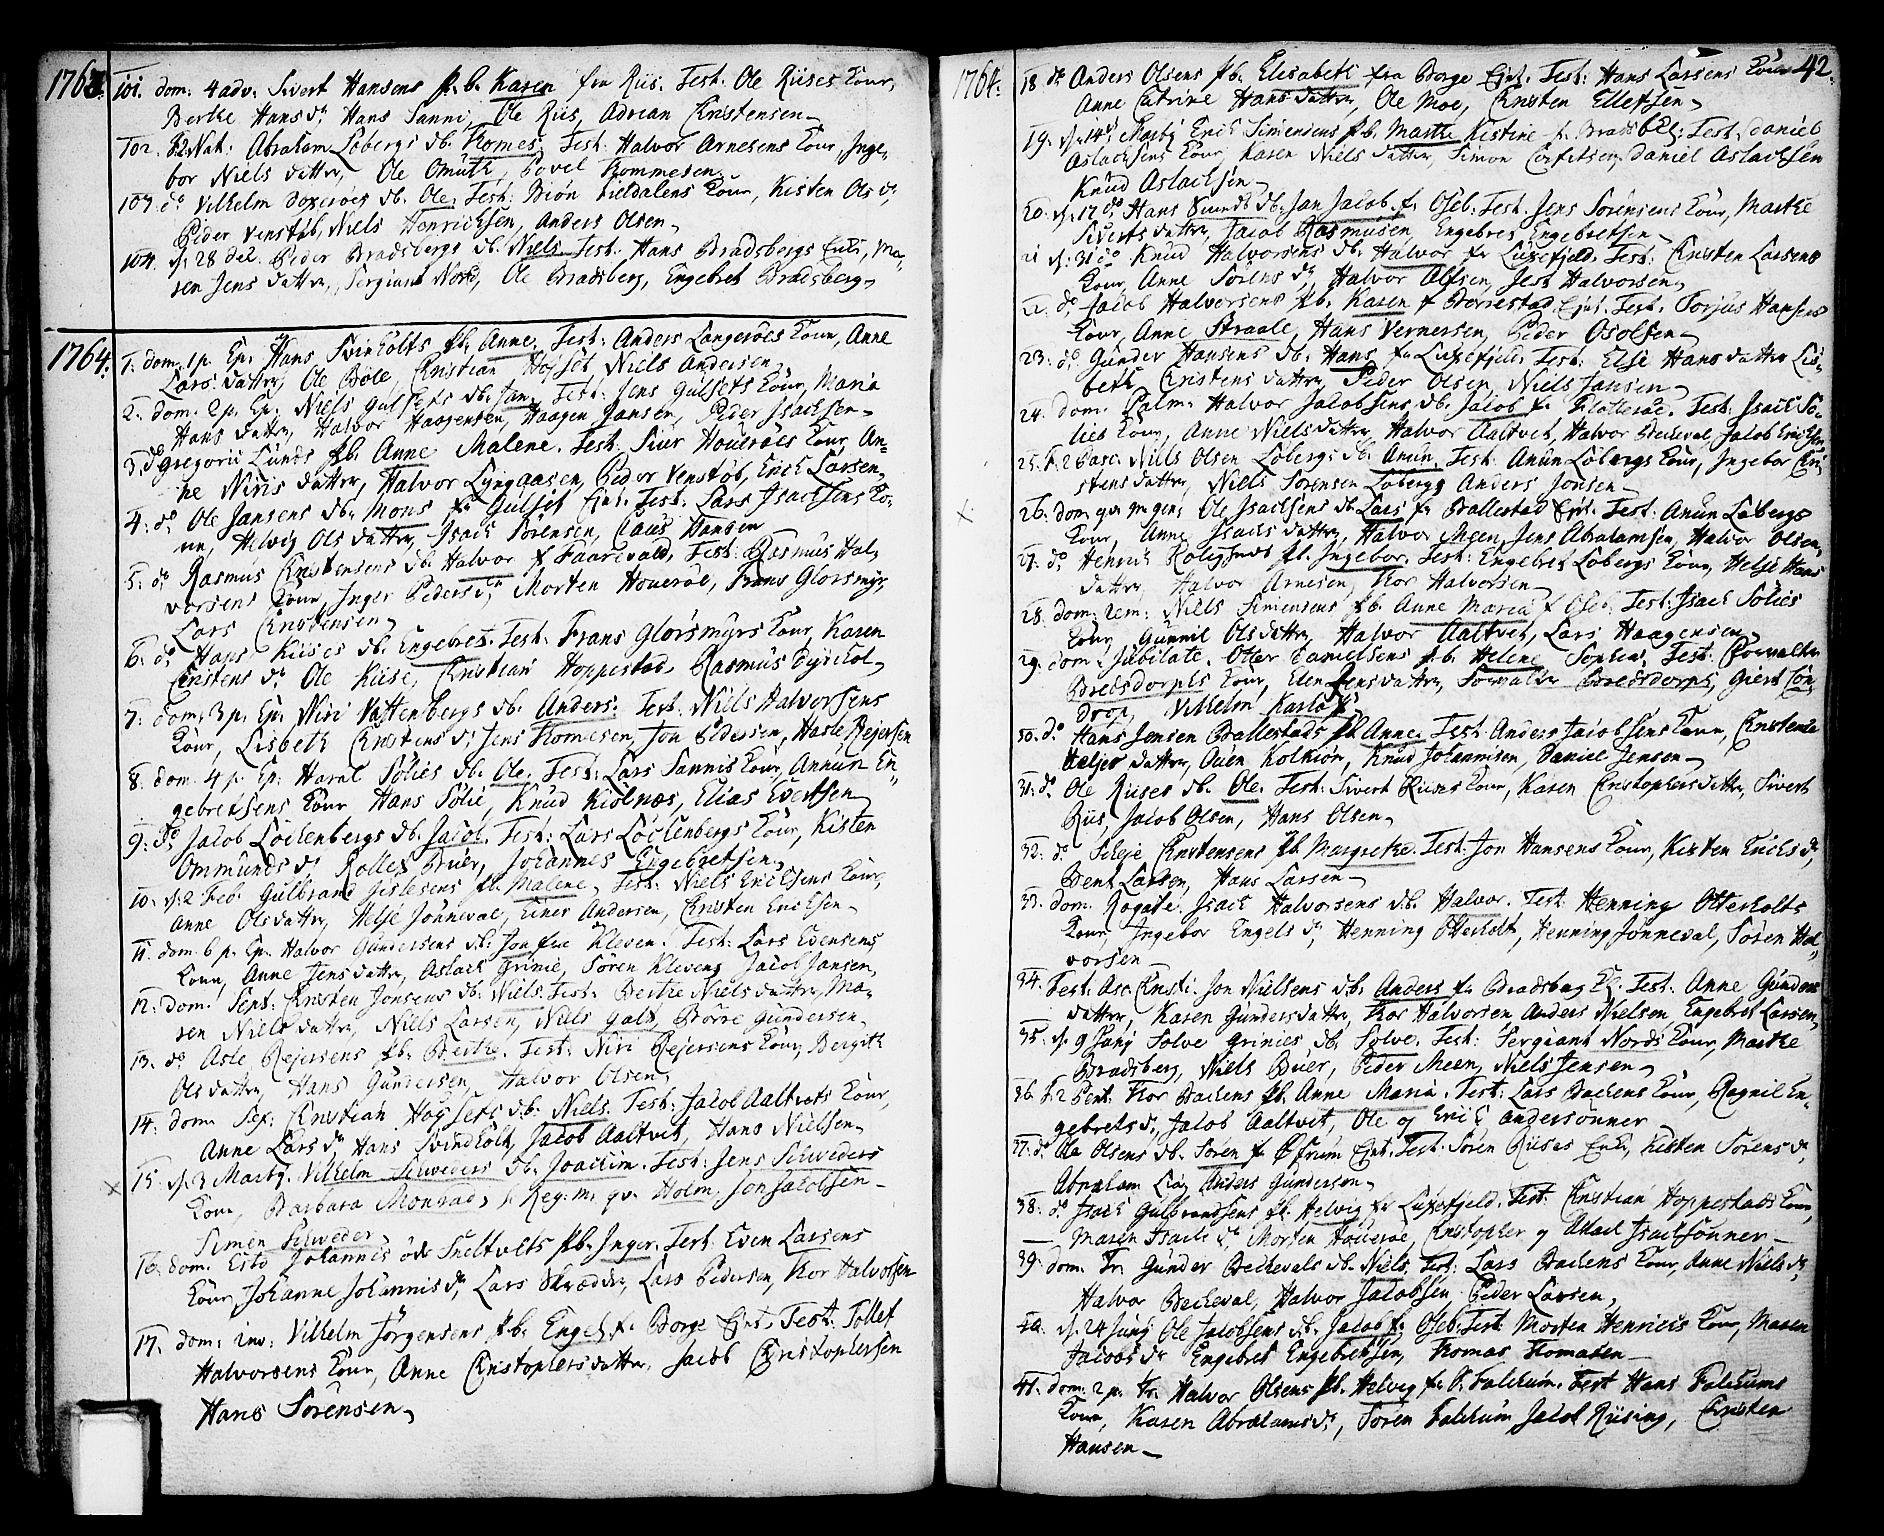 SAKO, Gjerpen kirkebøker, F/Fa/L0002: Ministerialbok nr. 2, 1747-1795, s. 42